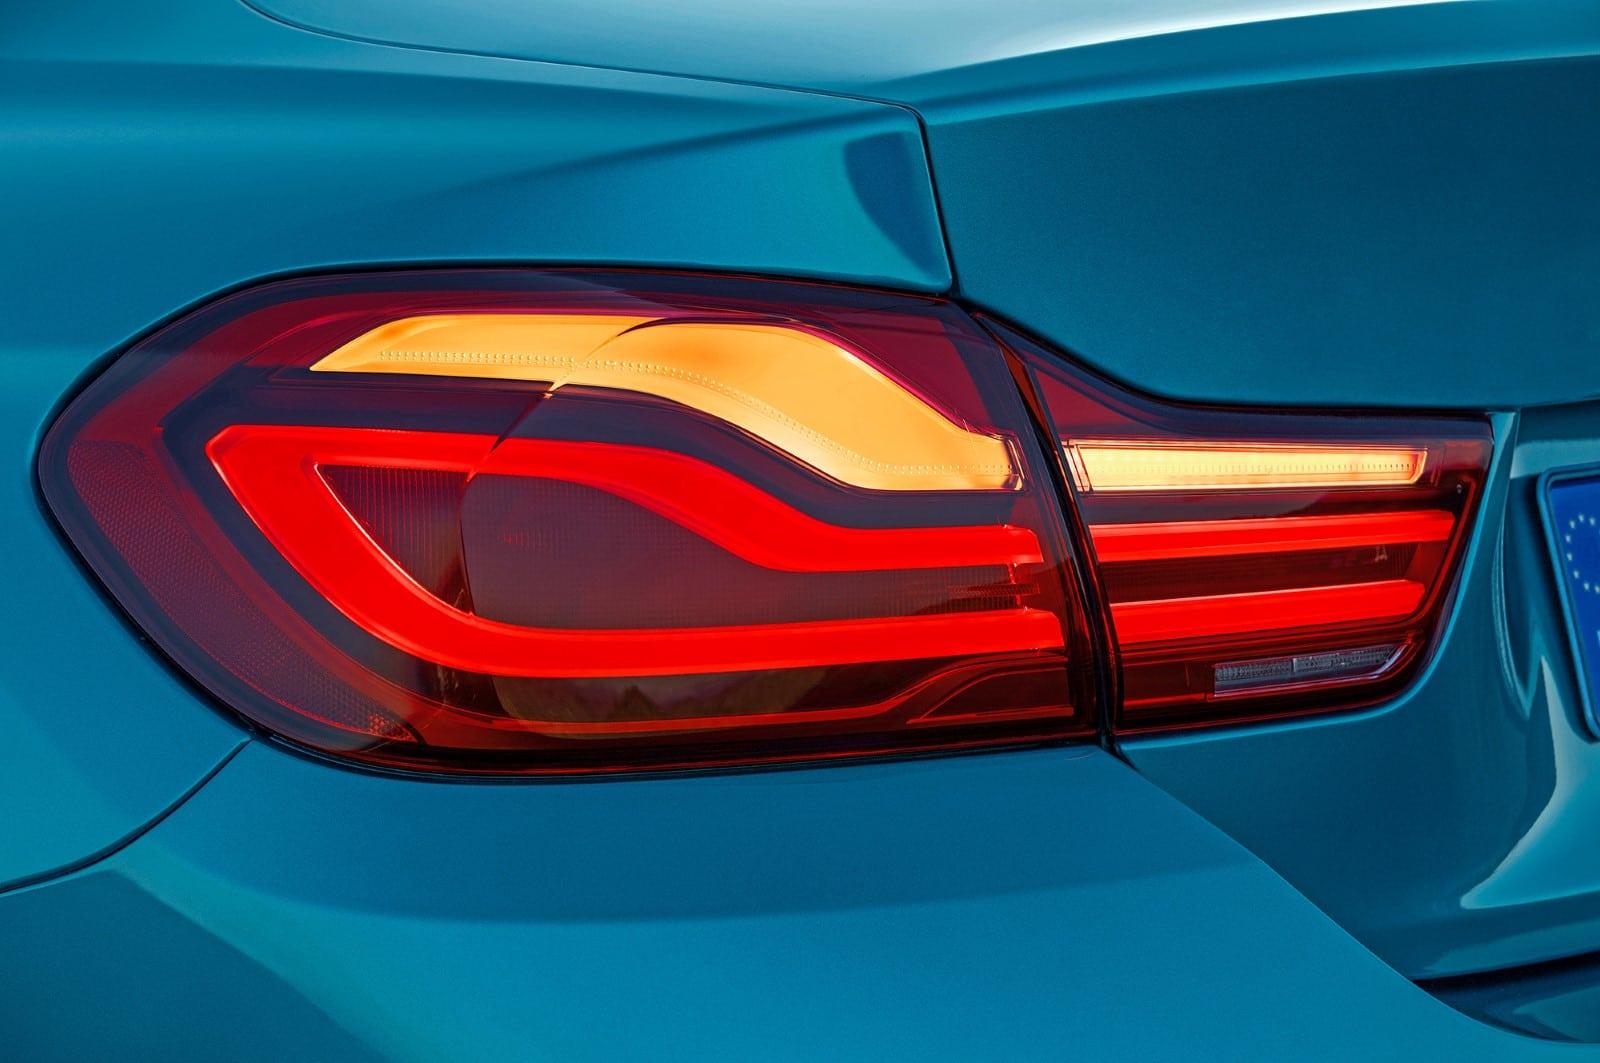 Сталкиваемся с крайностями обновления BMW четвёртой серии - тест-драйв рестайлинга BMW 4 Серии 2017